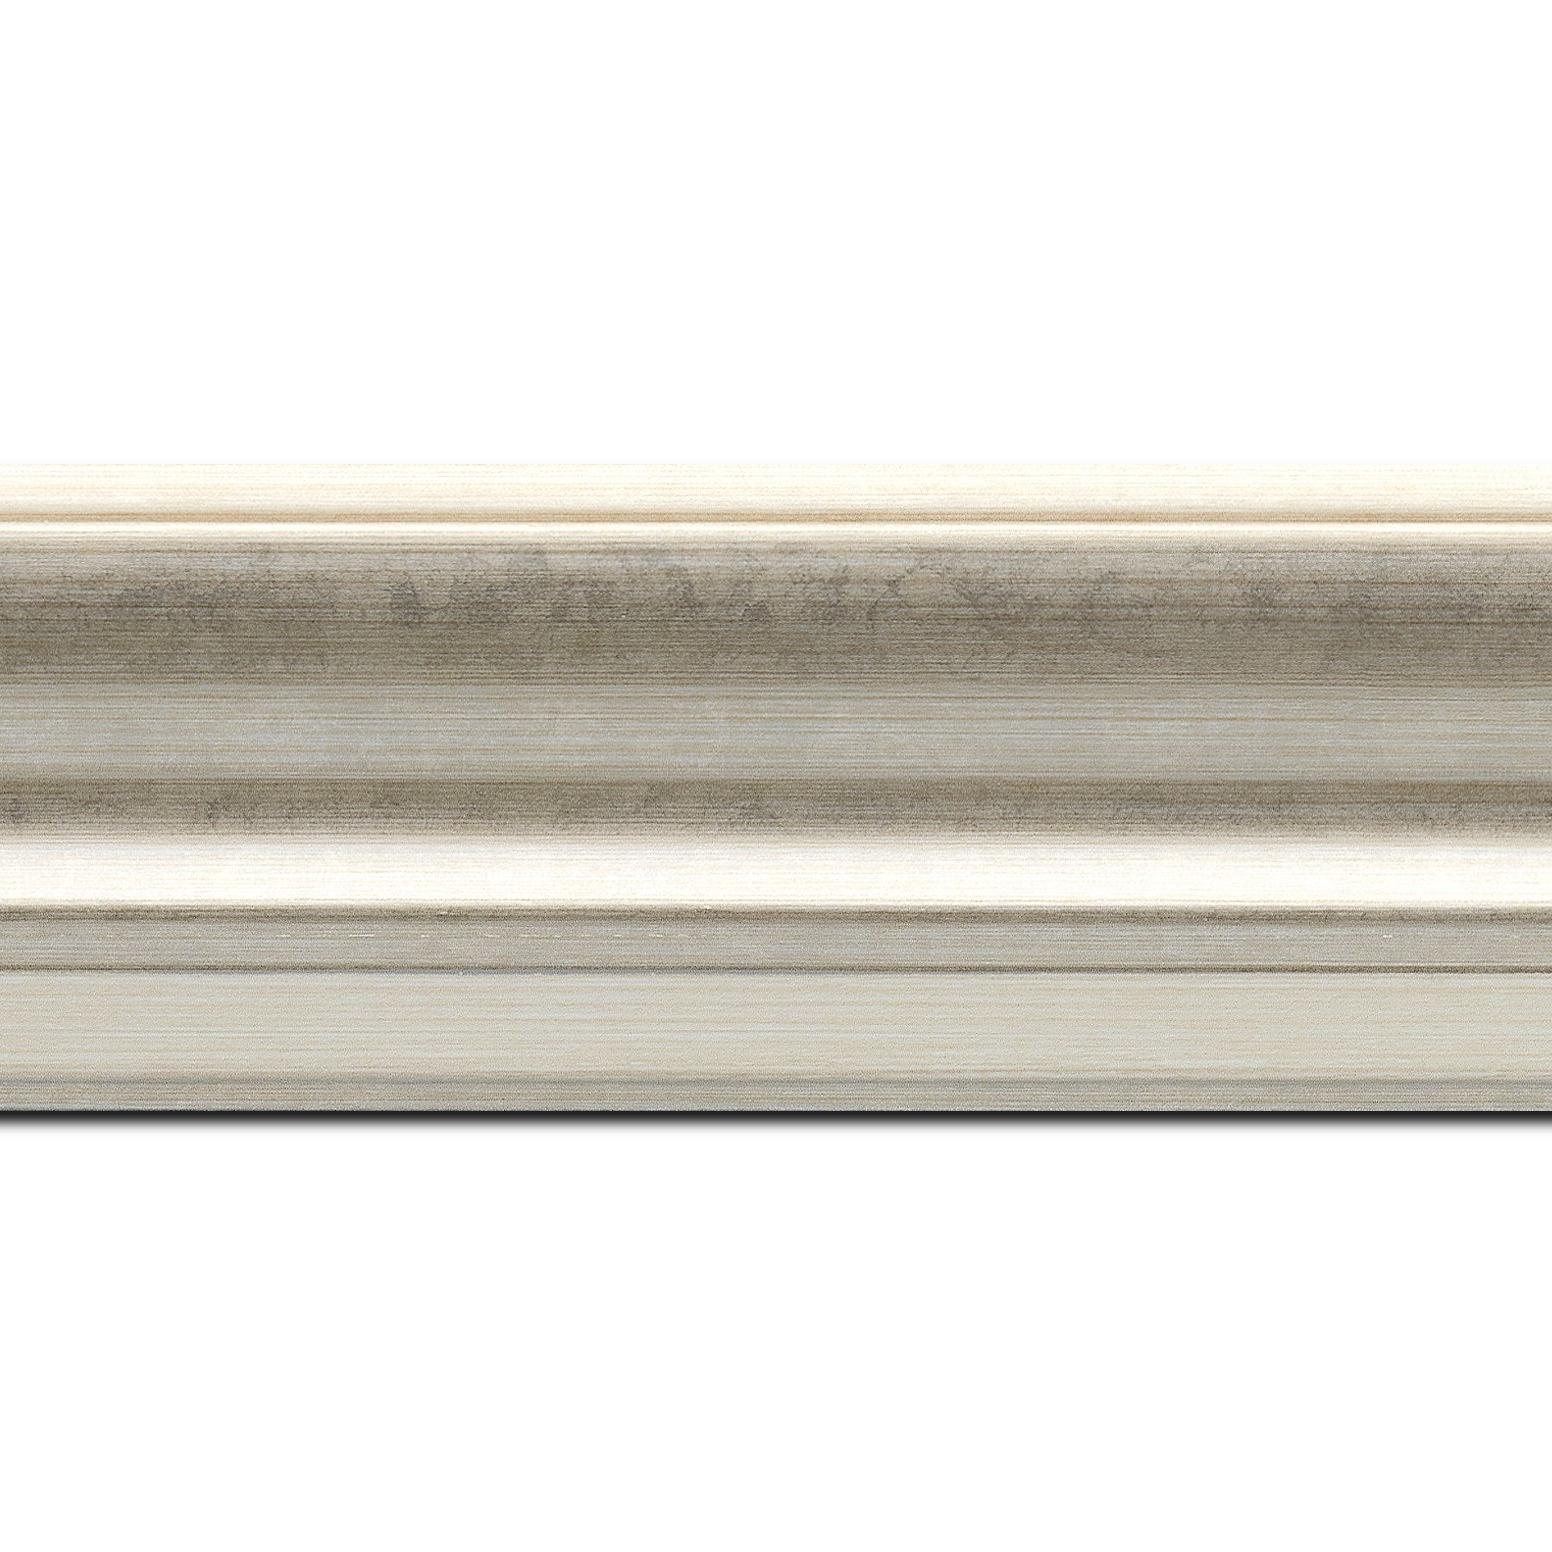 Pack par 12m, bois profil incurvé largeur 6.3cm couleur argent chaud marie louise intégrée(longueur baguette pouvant varier entre 2.40m et 3m selon arrivage des bois)